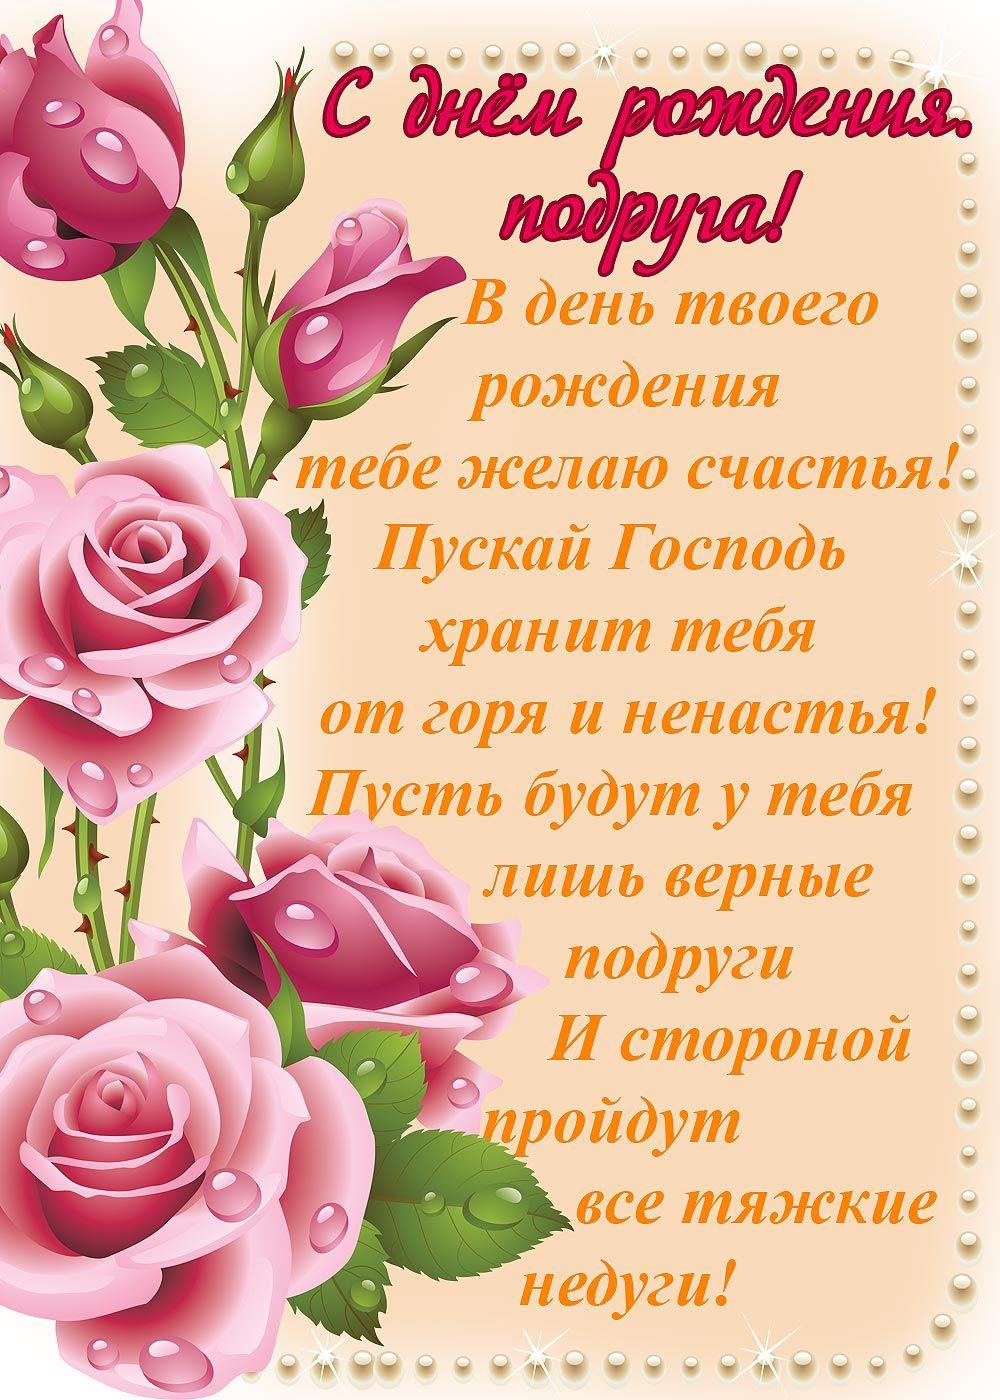 Поздравление для подружки на день рождение